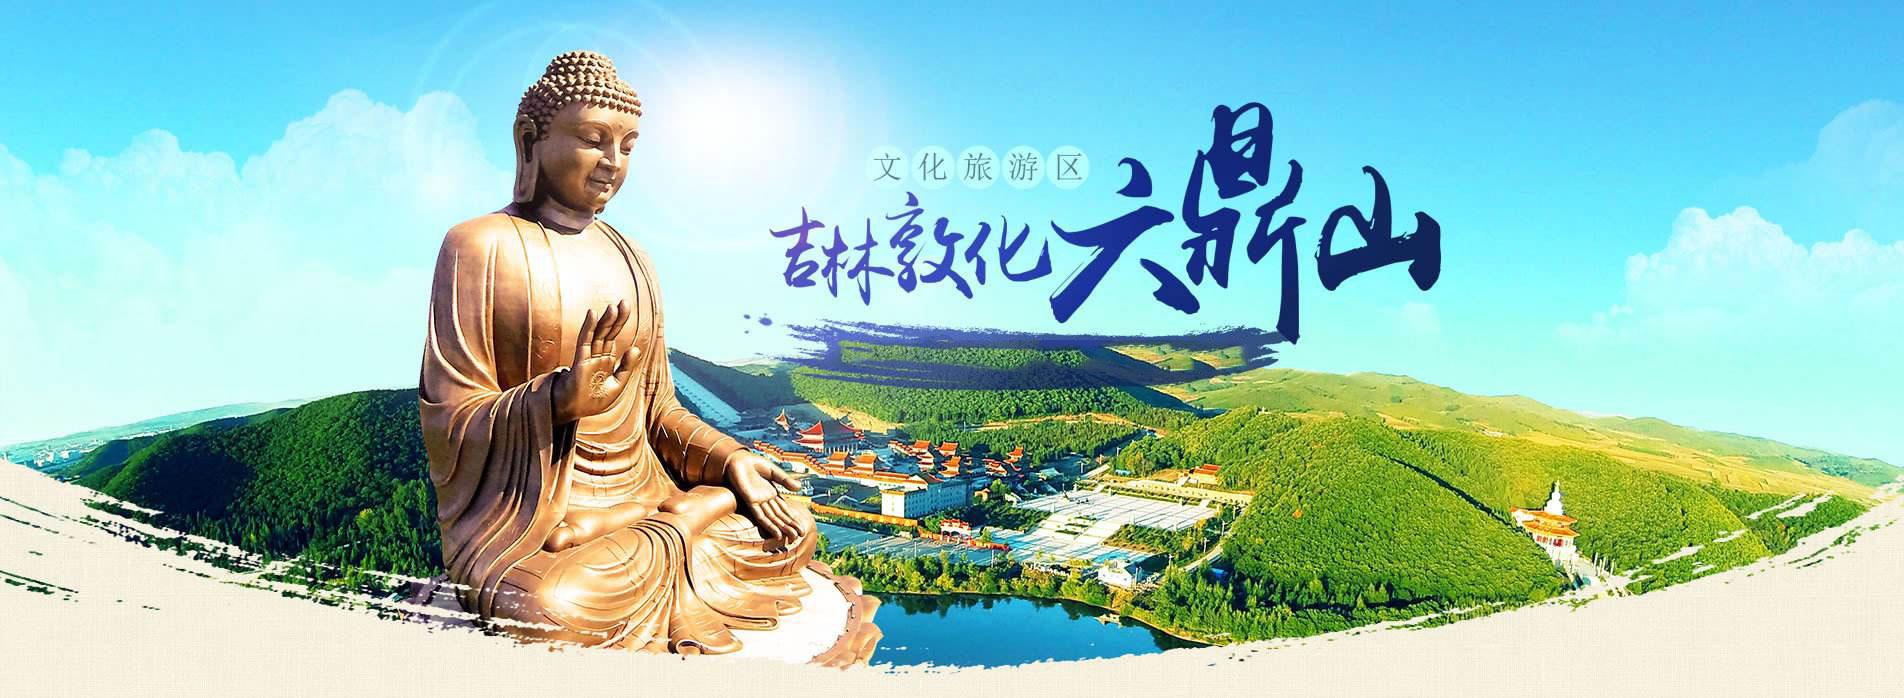 六鼎山文化旅游�^